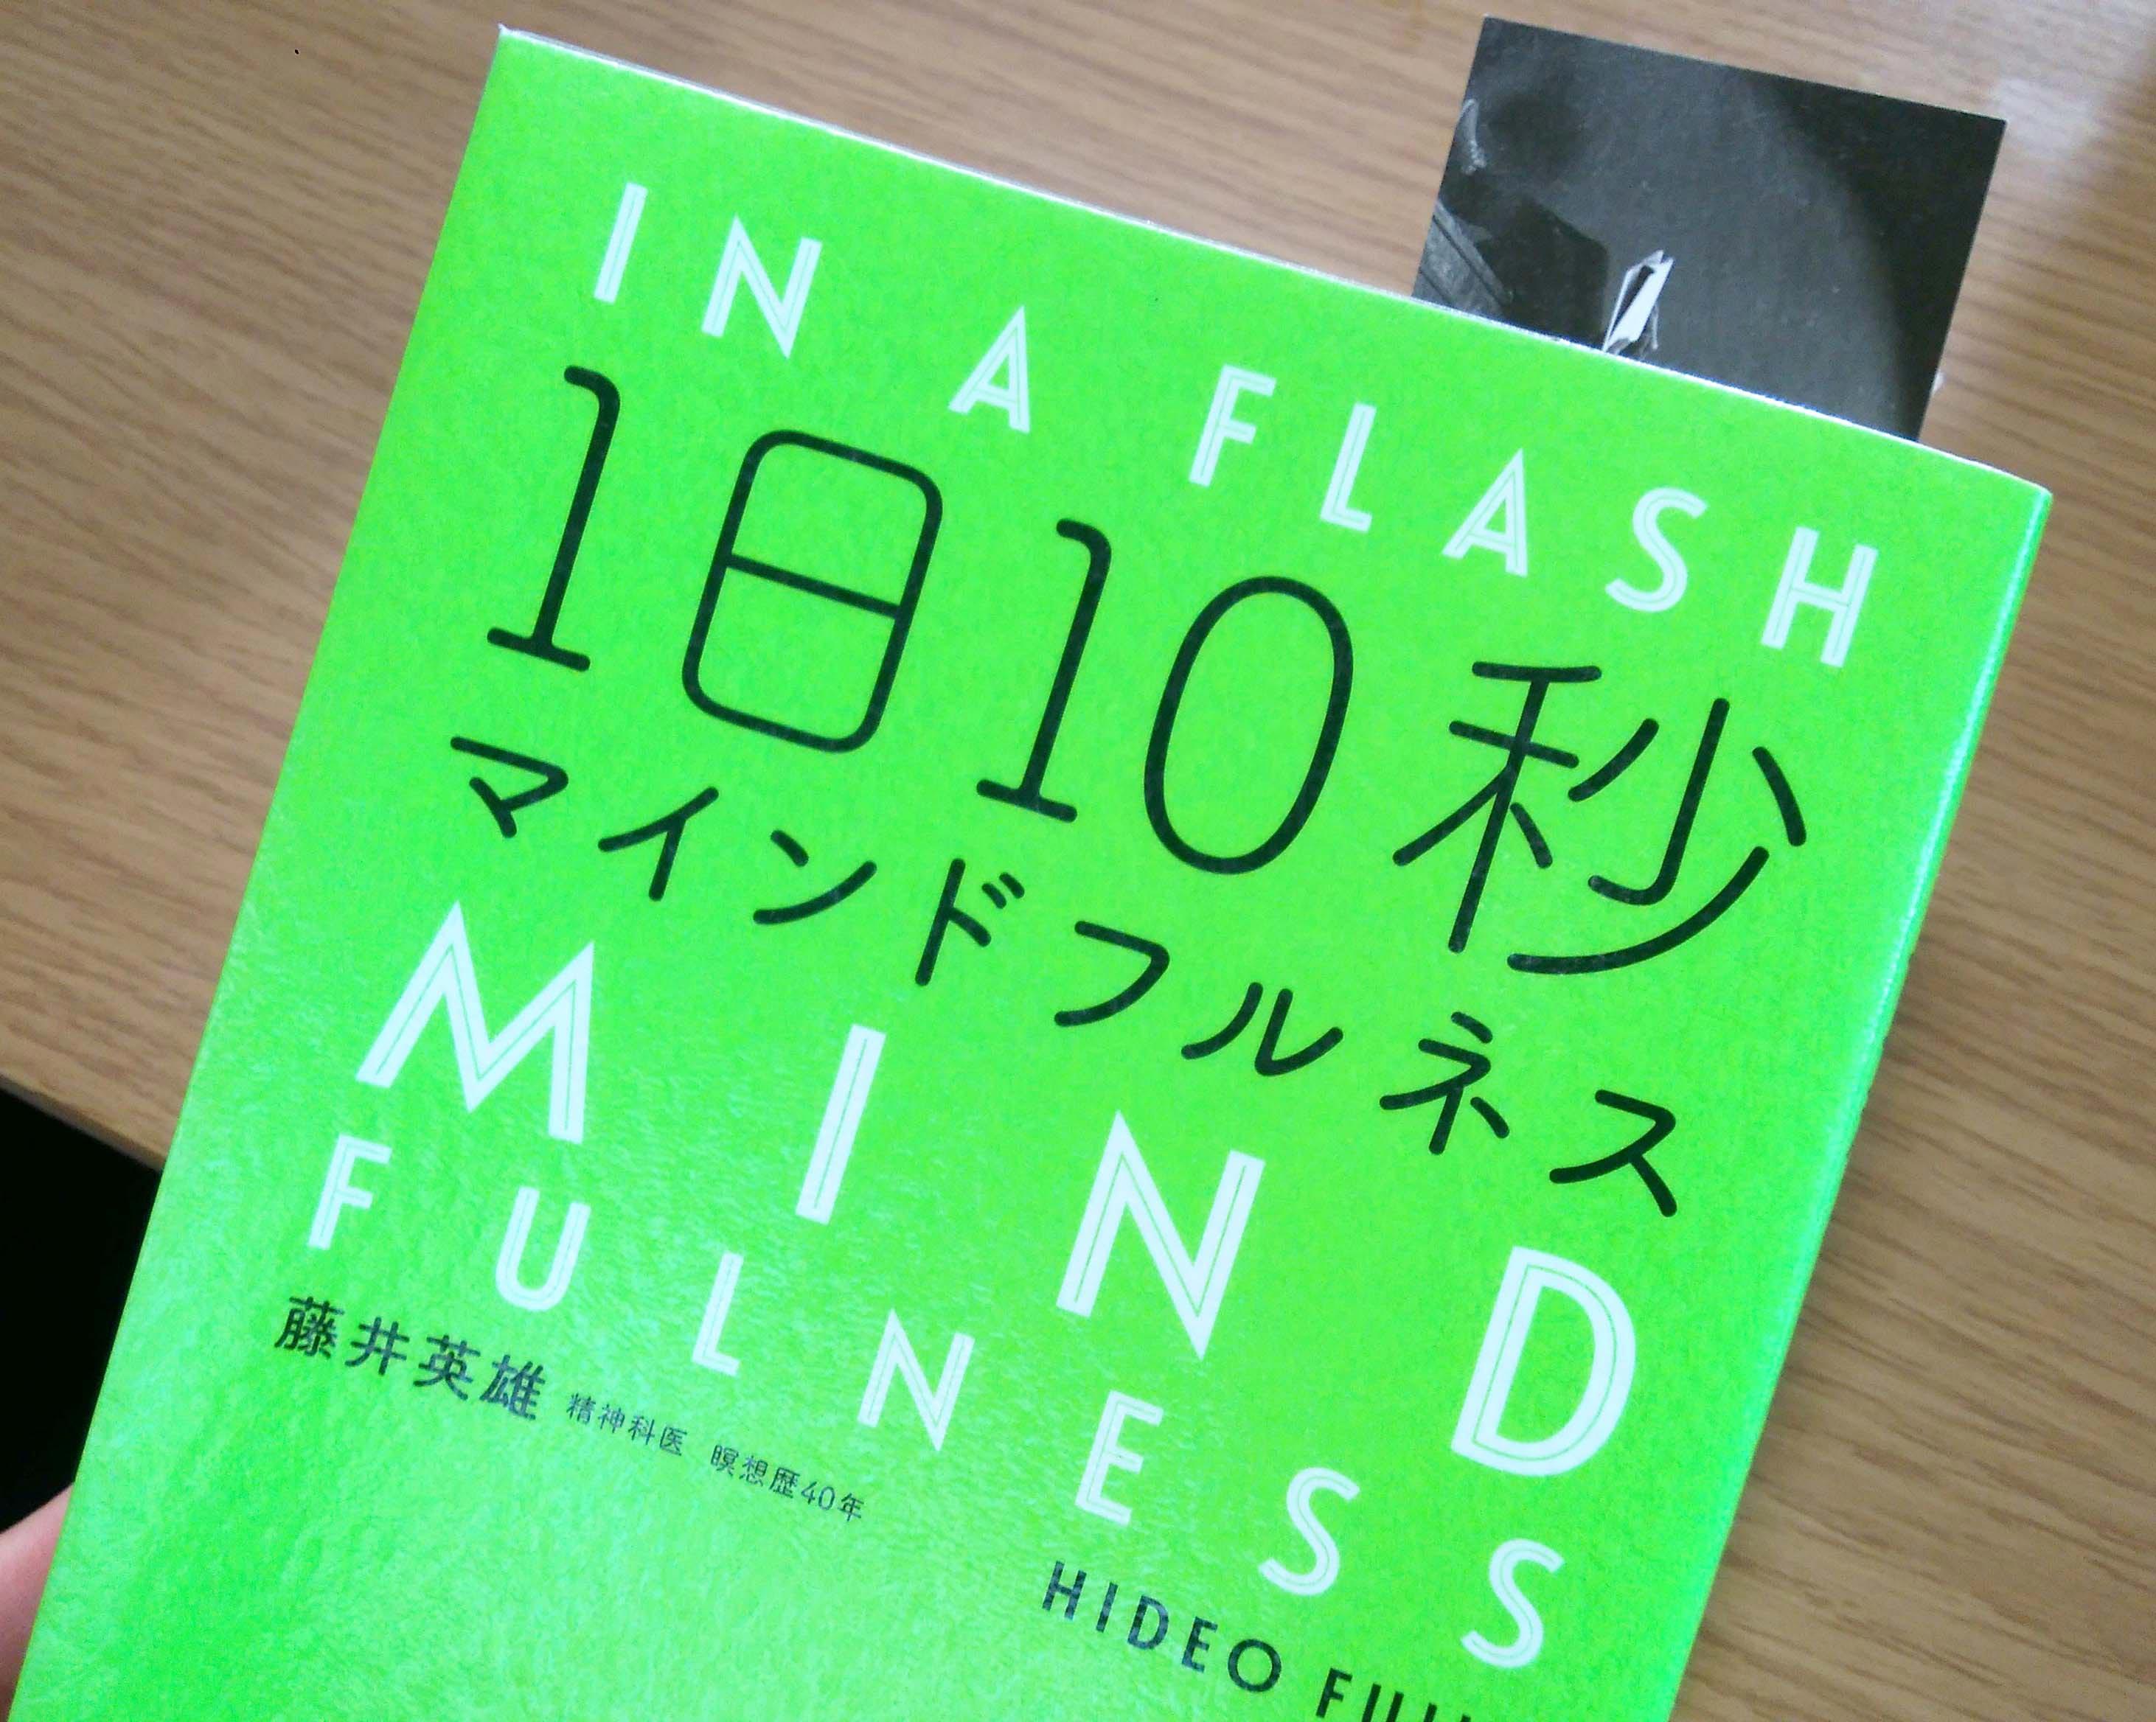 「1日10秒マインドフルネス」の方法とポイントまとめ(藤井英雄著)